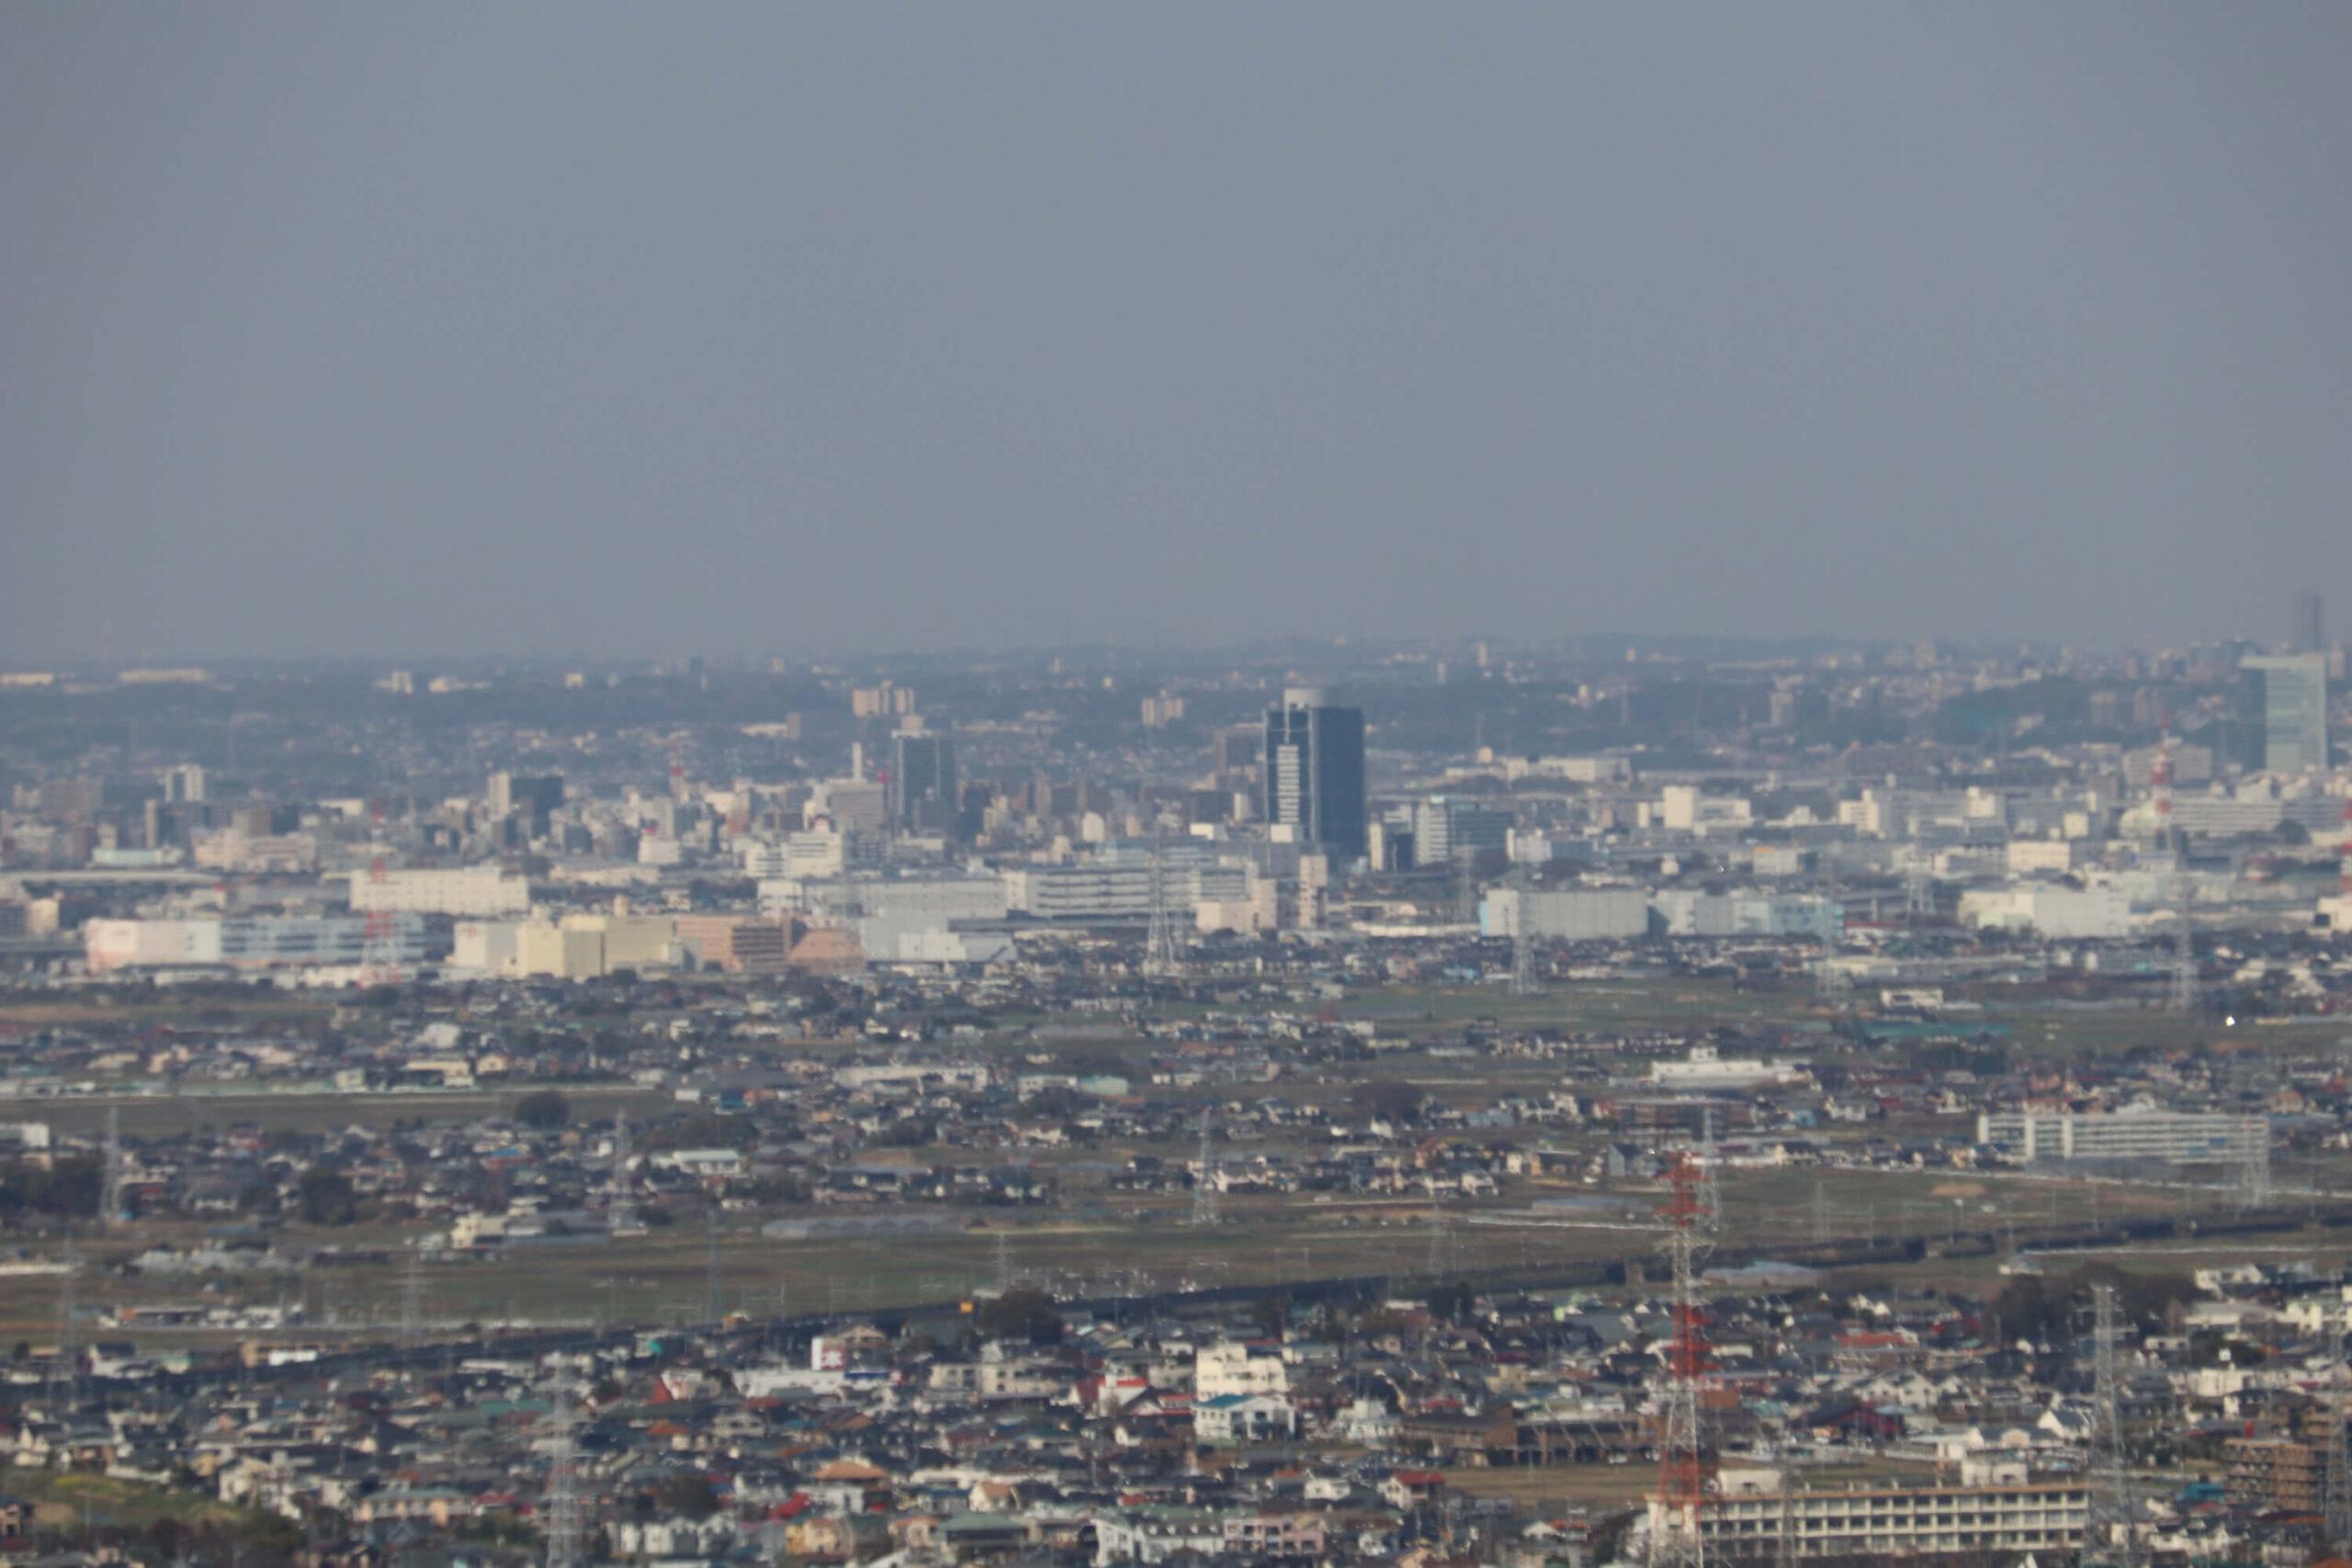 湘南平の眺め:厚木市街地